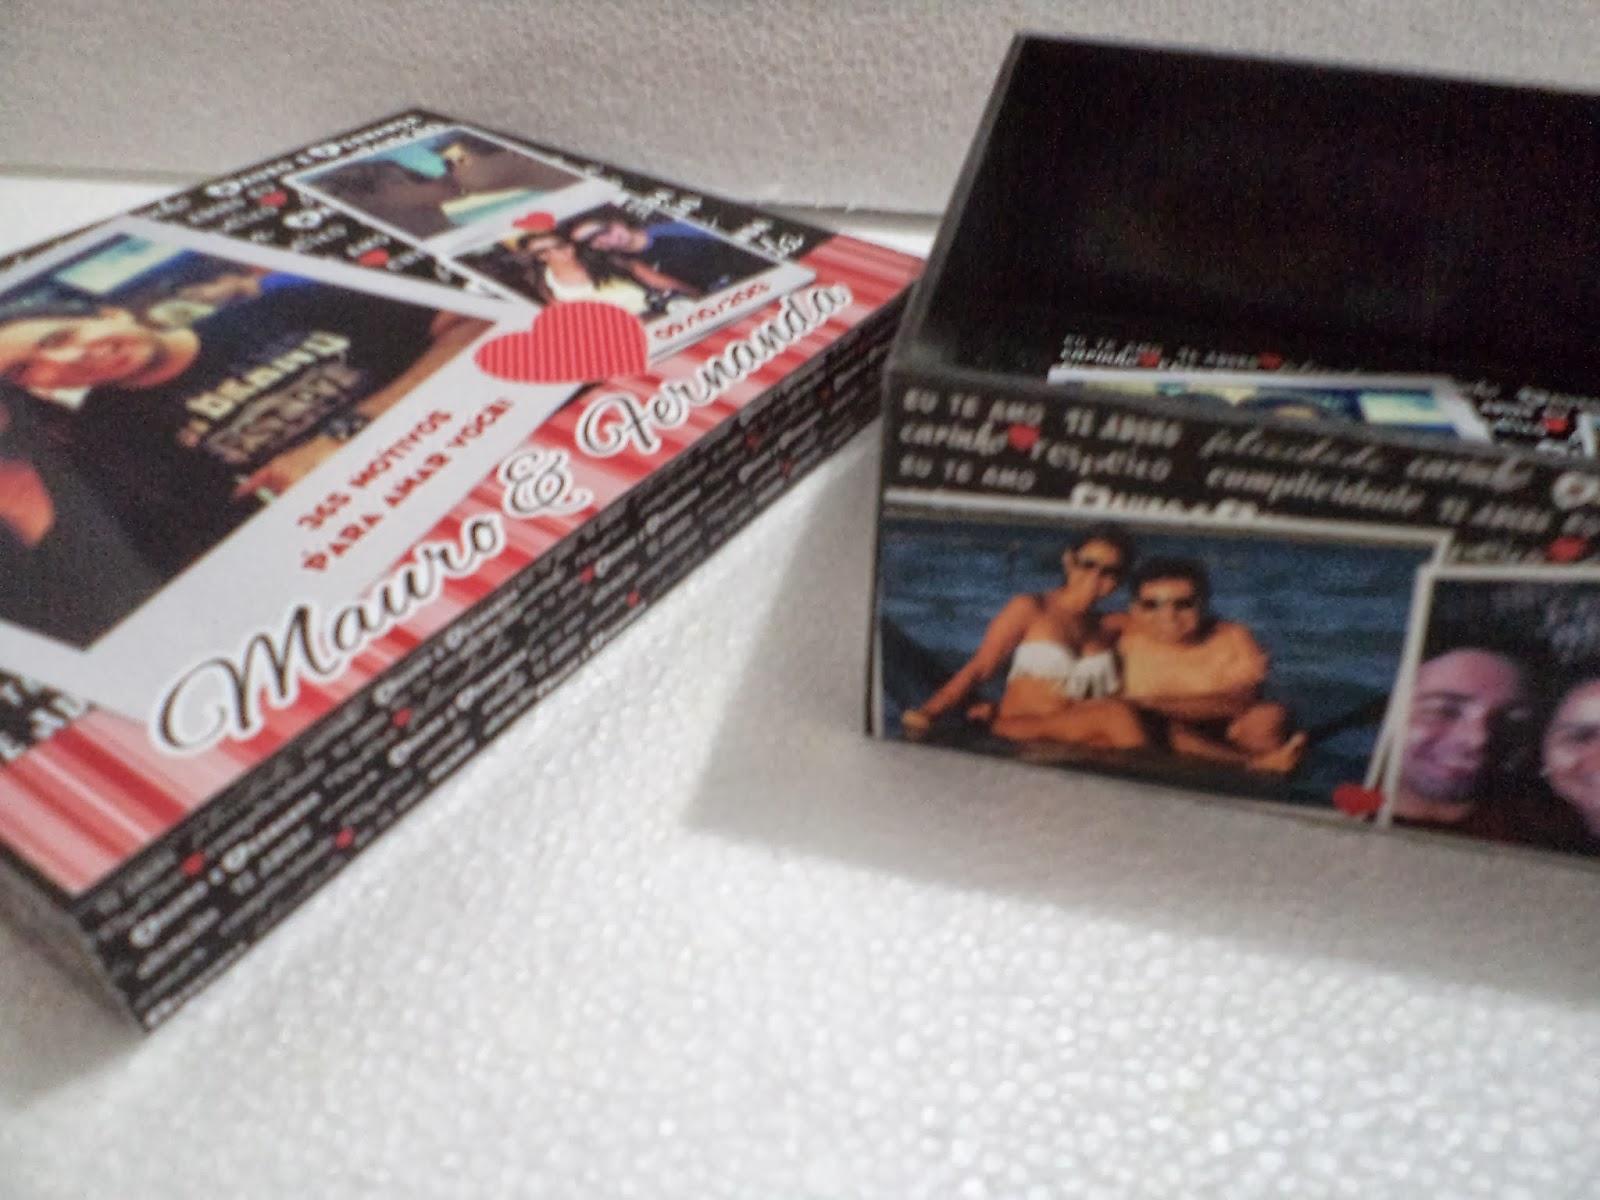 Linda Caixa de Madeira Personalizada com fotos Para Namorados  #963538 1600x1200